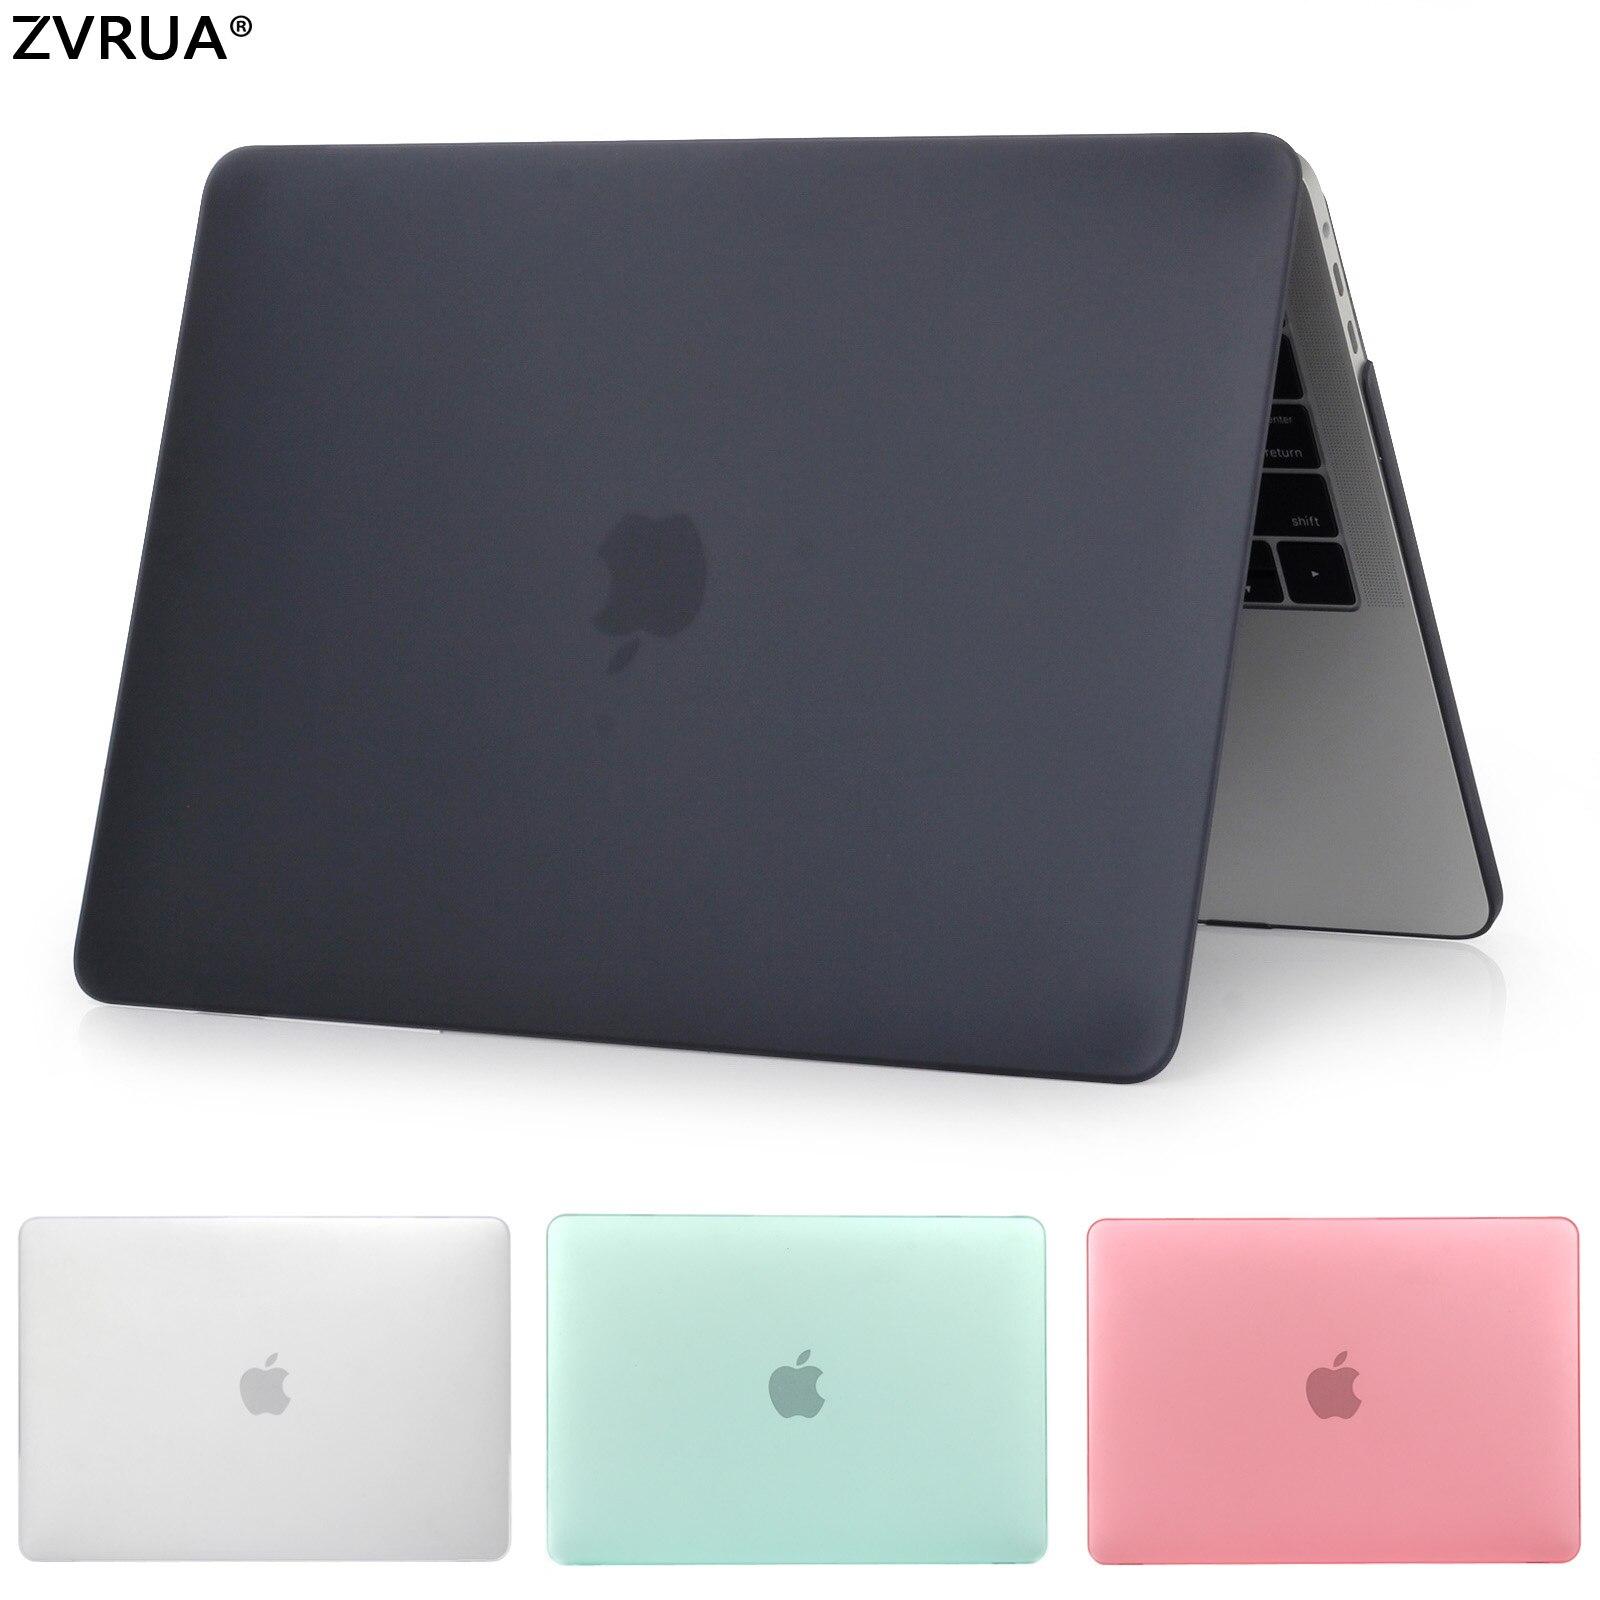 ZVRUA Vendita Calda laptop Case Per Apple macbook Air Pro Retina 11 12 13 15 Per Mac book 13.3 pollice con Touch Bar